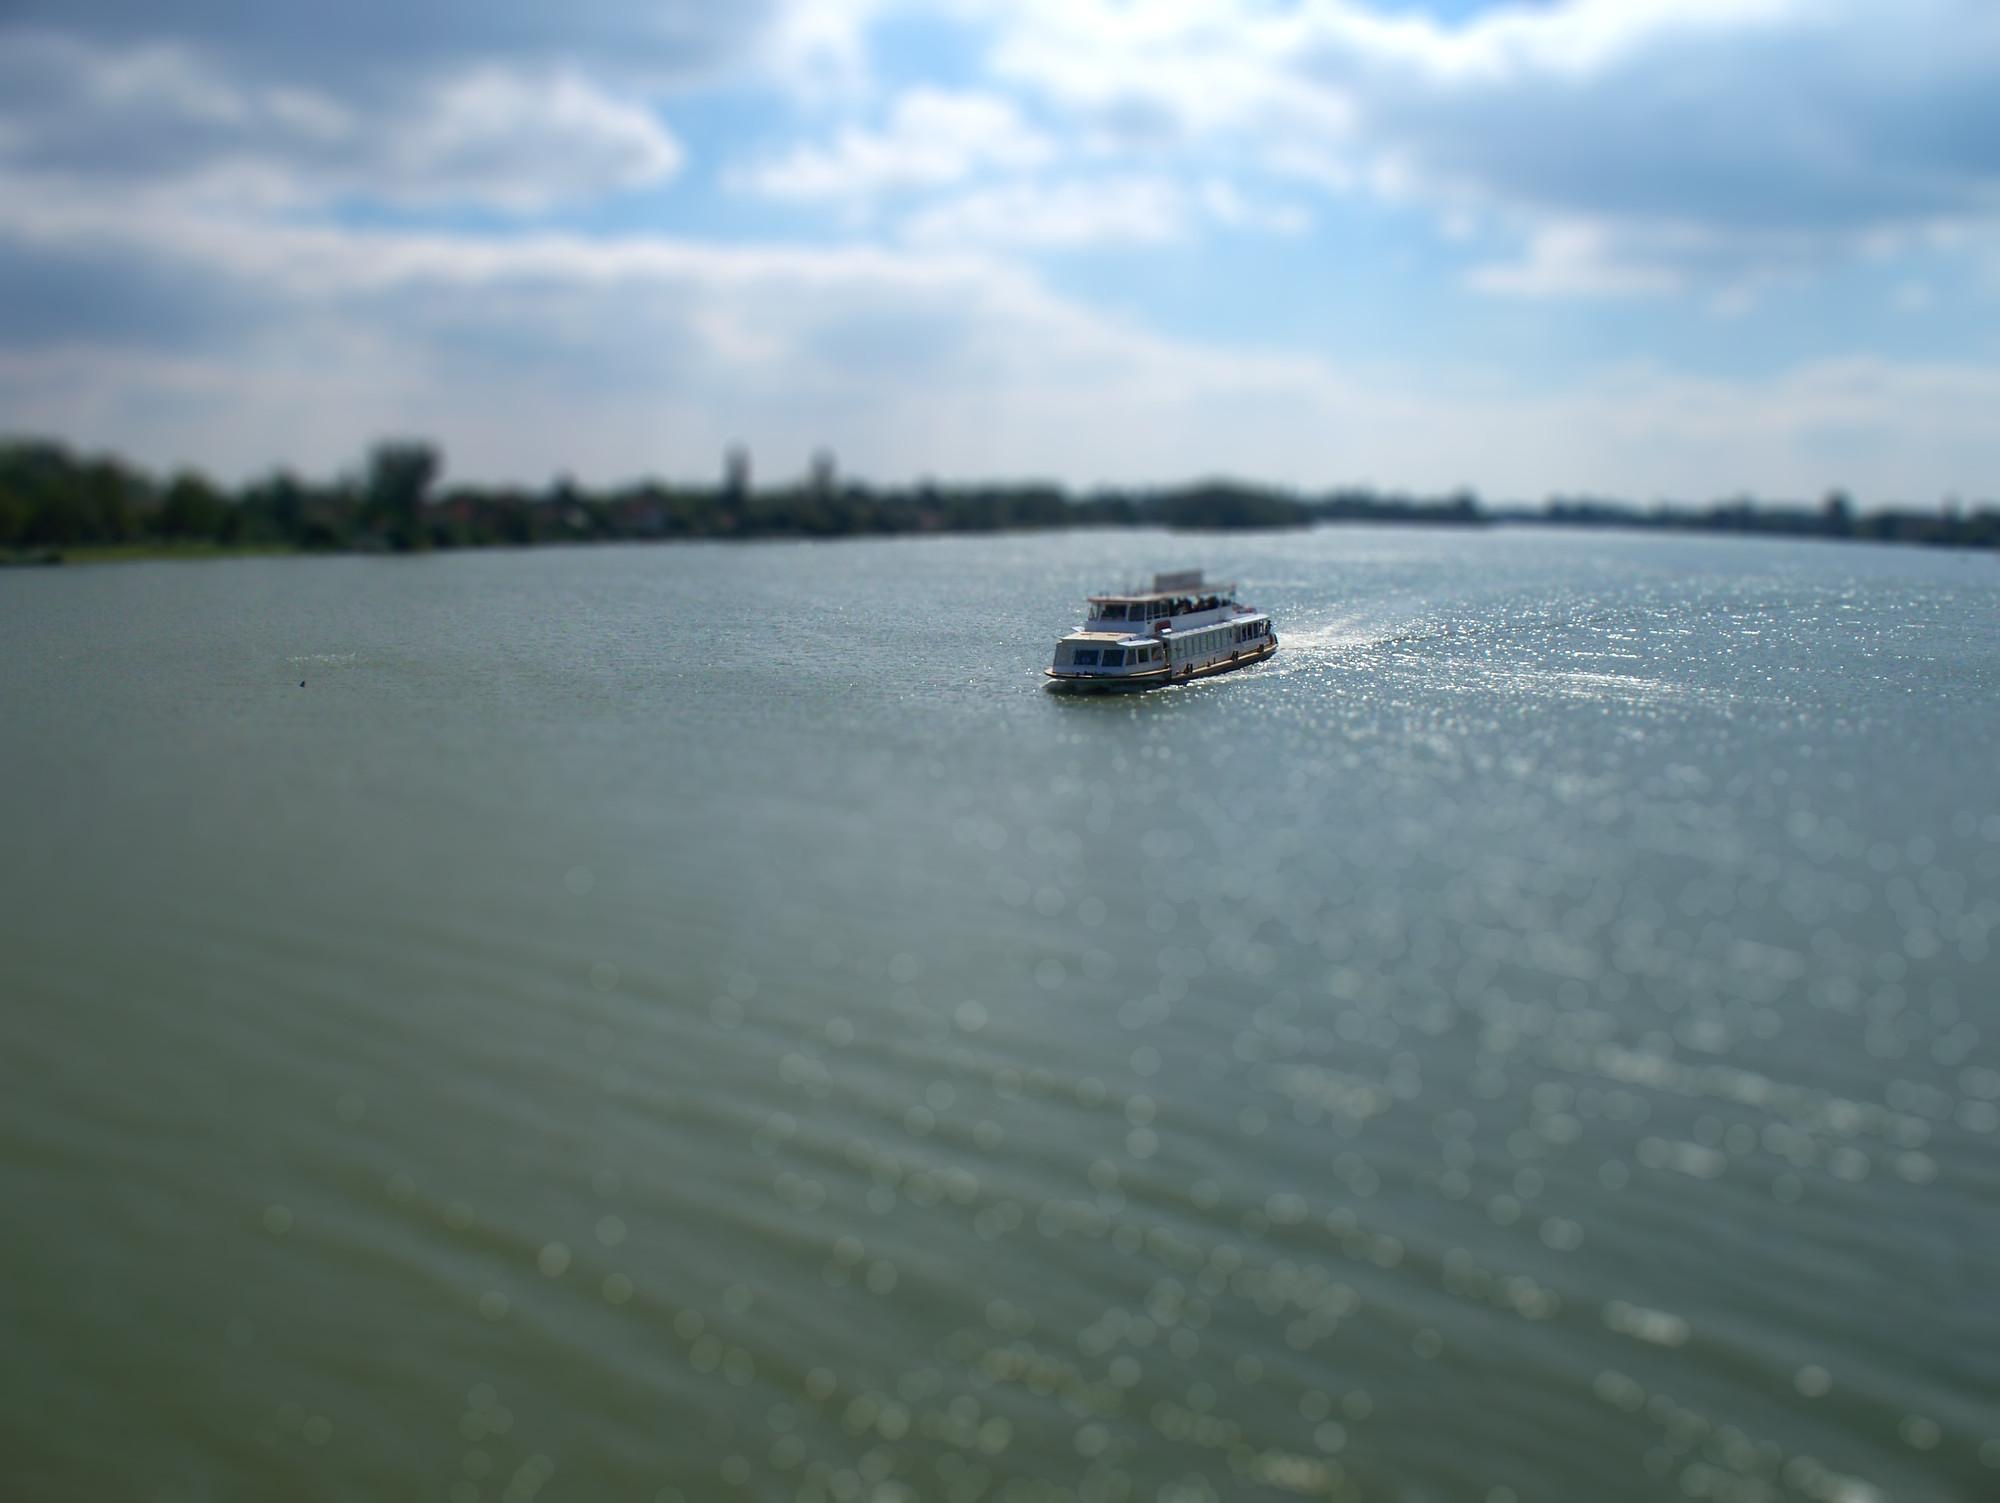 http://www.kisdunainagyhajok.hu/makett-hatas_tilt-shift/www_kisdunainagyhajok_hu_tiltshift_fotok_maketthatas_018.jpg